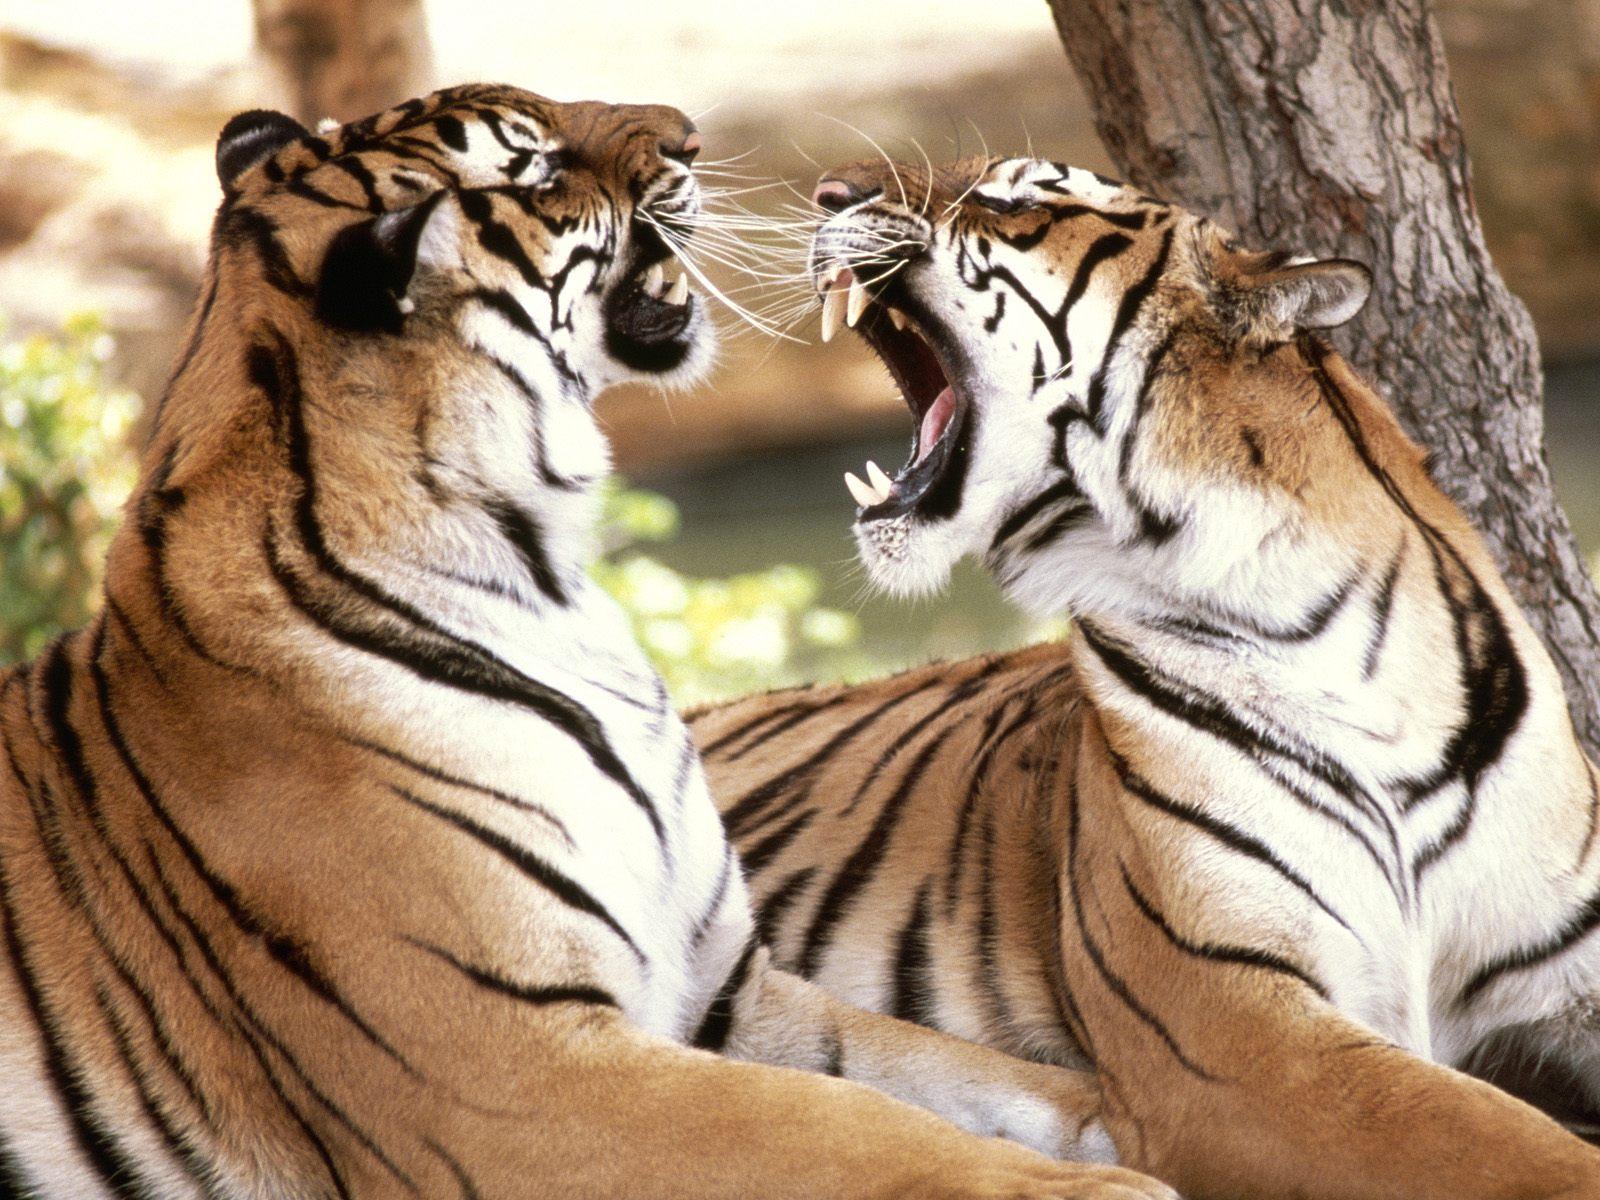 http://2.bp.blogspot.com/-QAF6aRkL1LE/ThCMvJNXh6I/AAAAAAAAADo/ipLdlBXM0bs/s1600/tigers.jpg